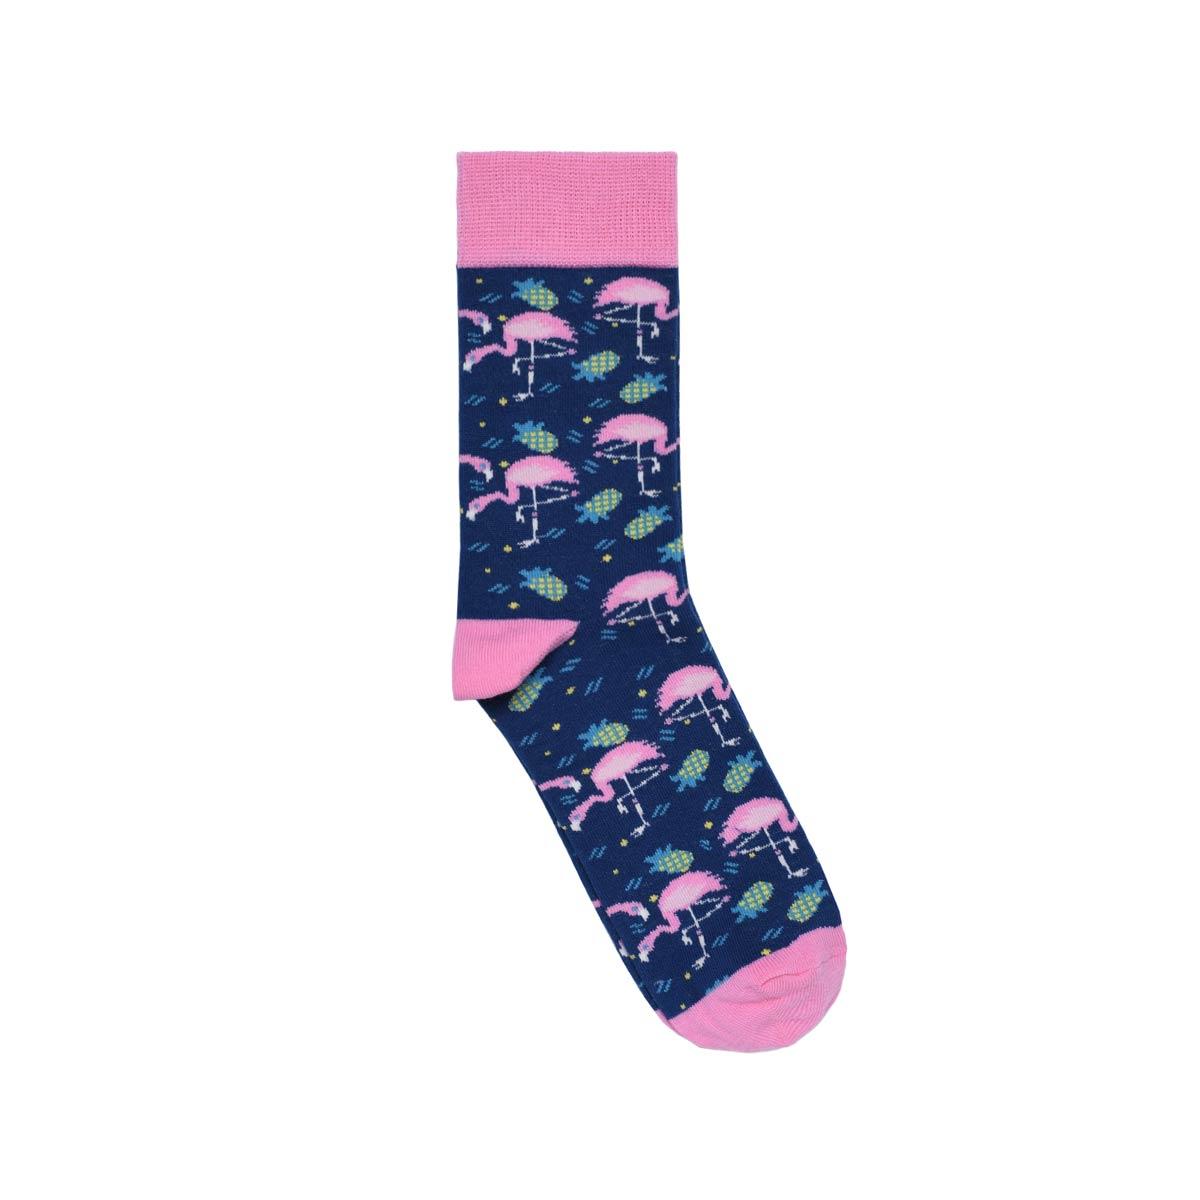 CH-00762-A12-chaussettes-femme-flamingo-bleu